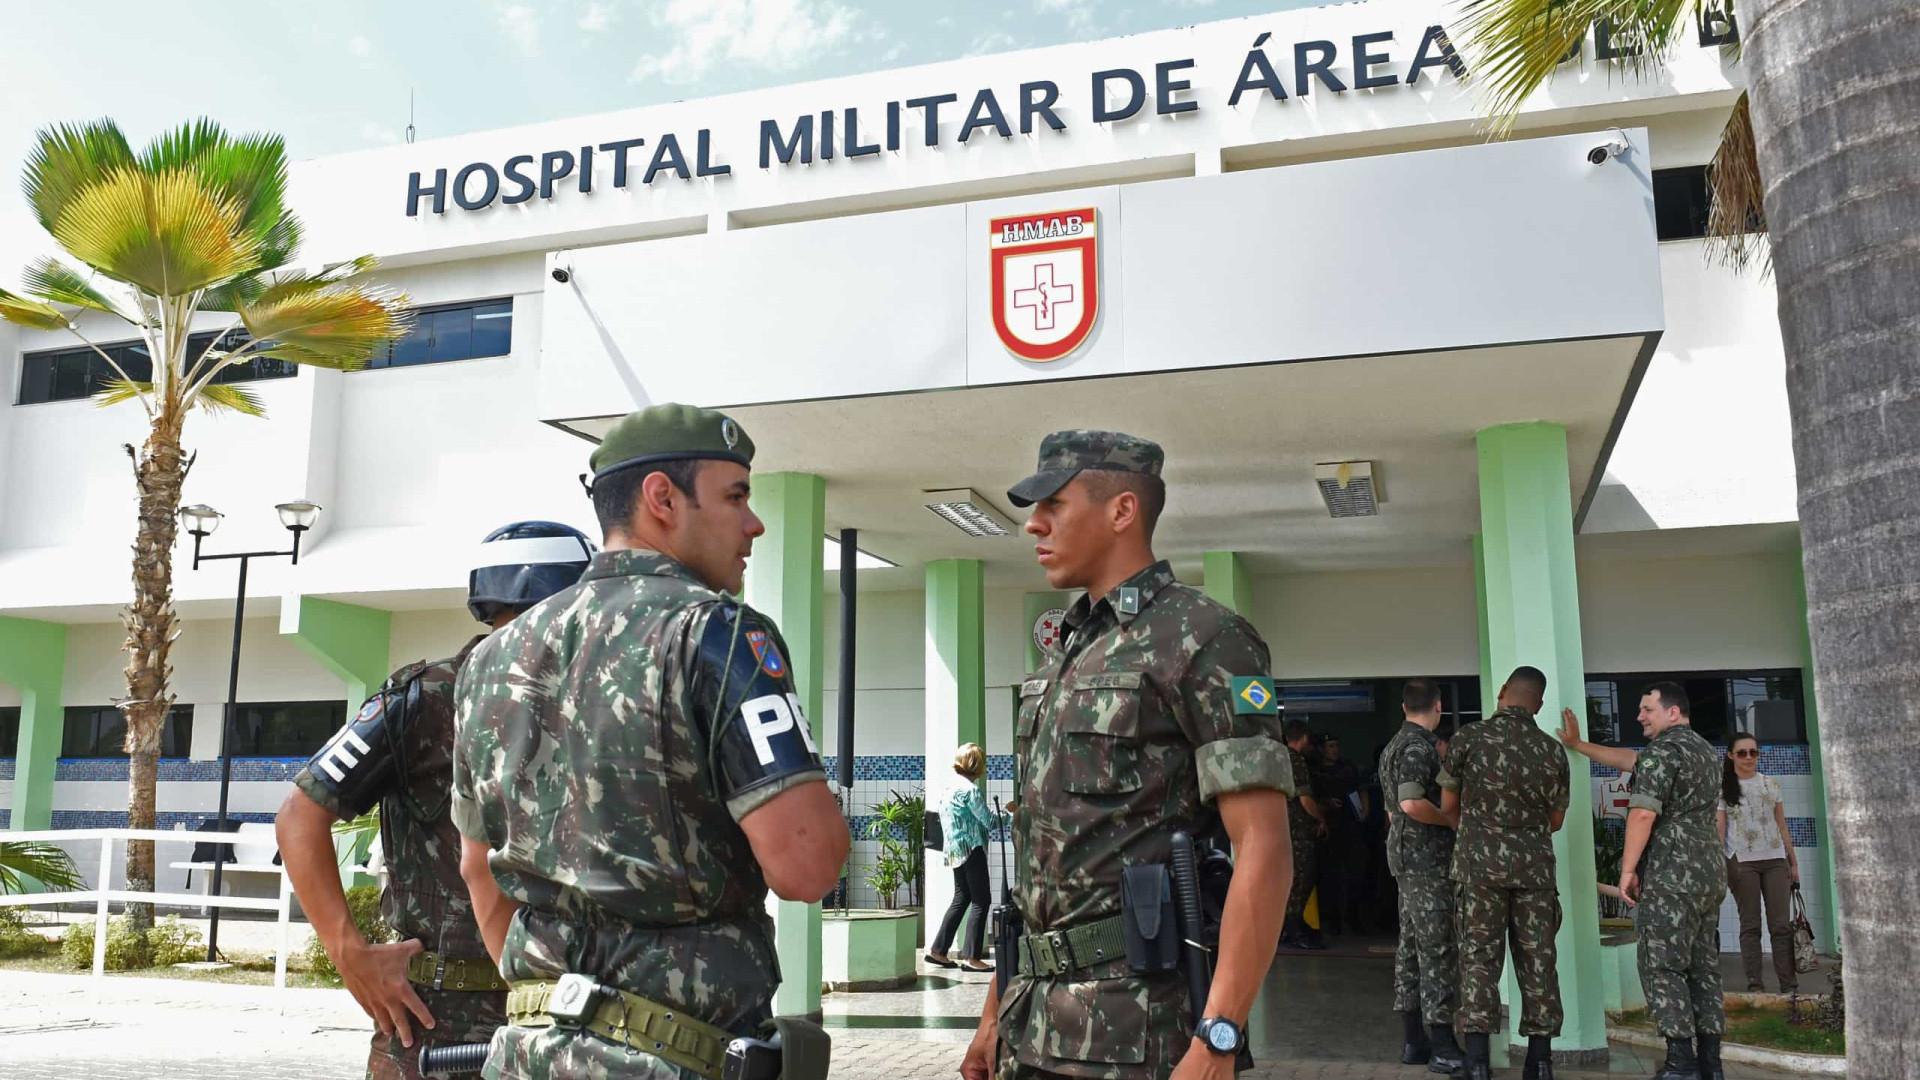 Hospitais das Forças Armadas reservam vagas para militares e deixam até 85% de leitos ociosos sem atender civis